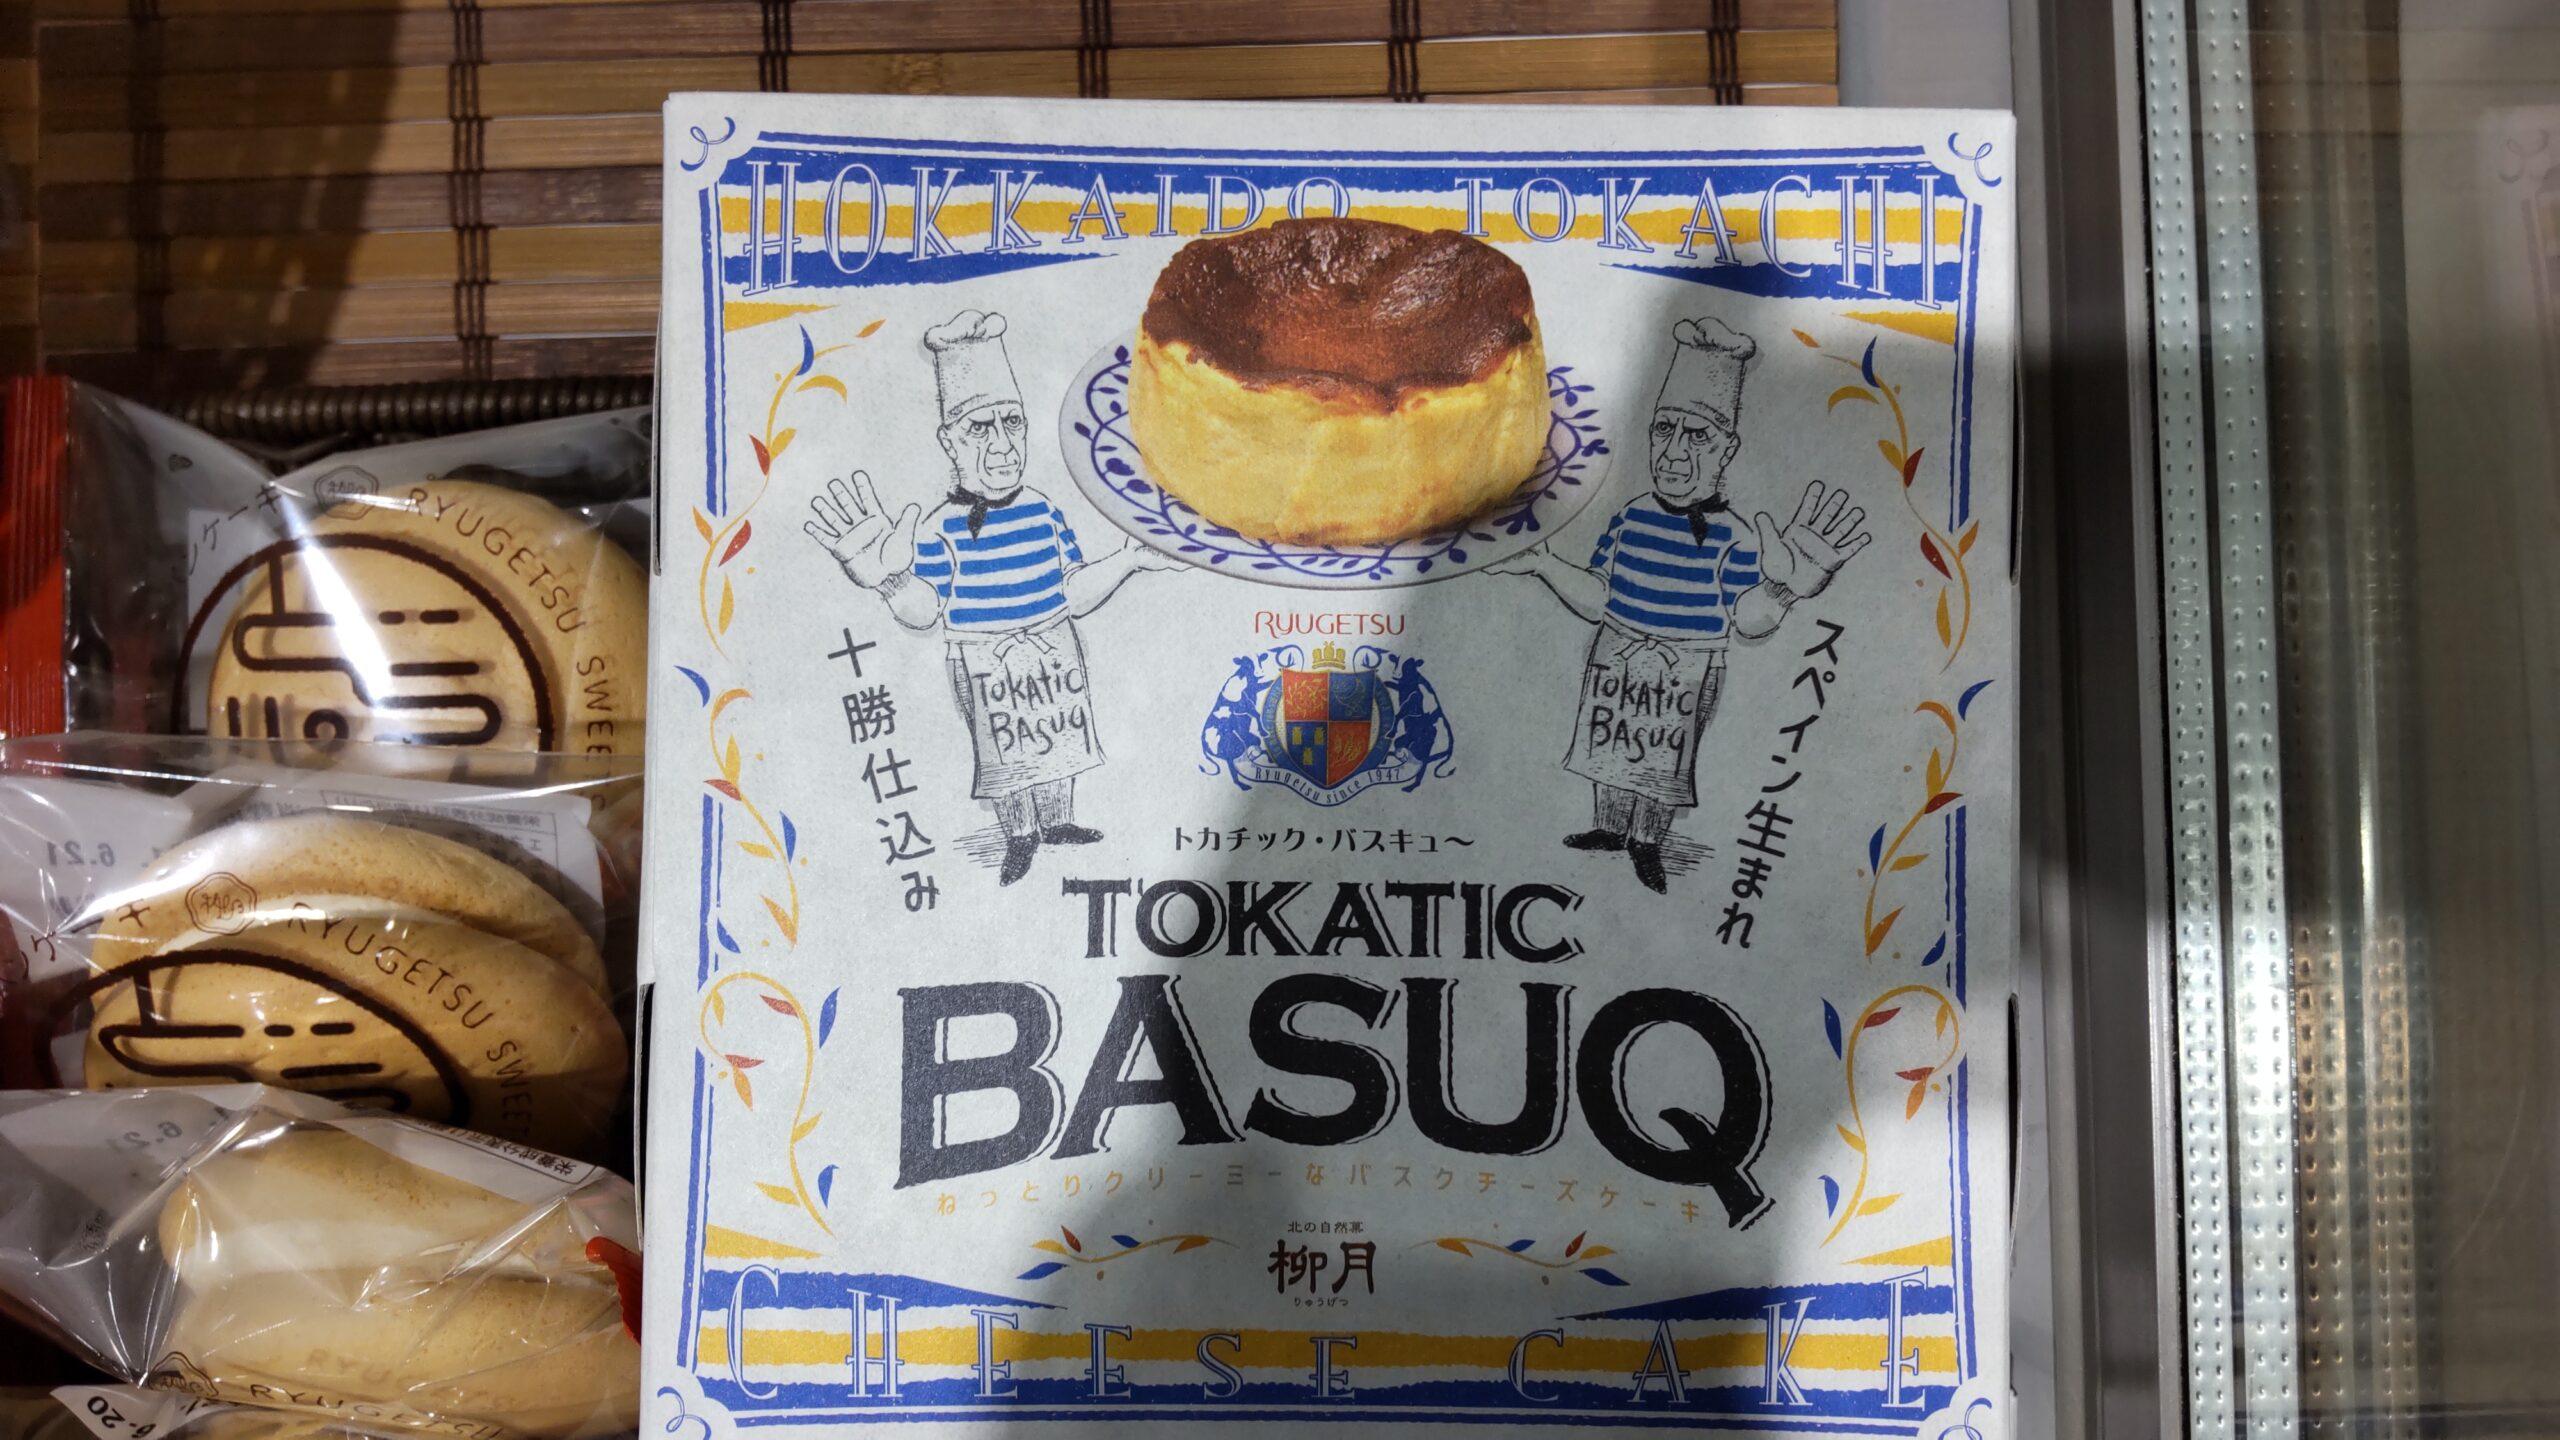 TOKATIC BASUQ(トカチックバスキュー)